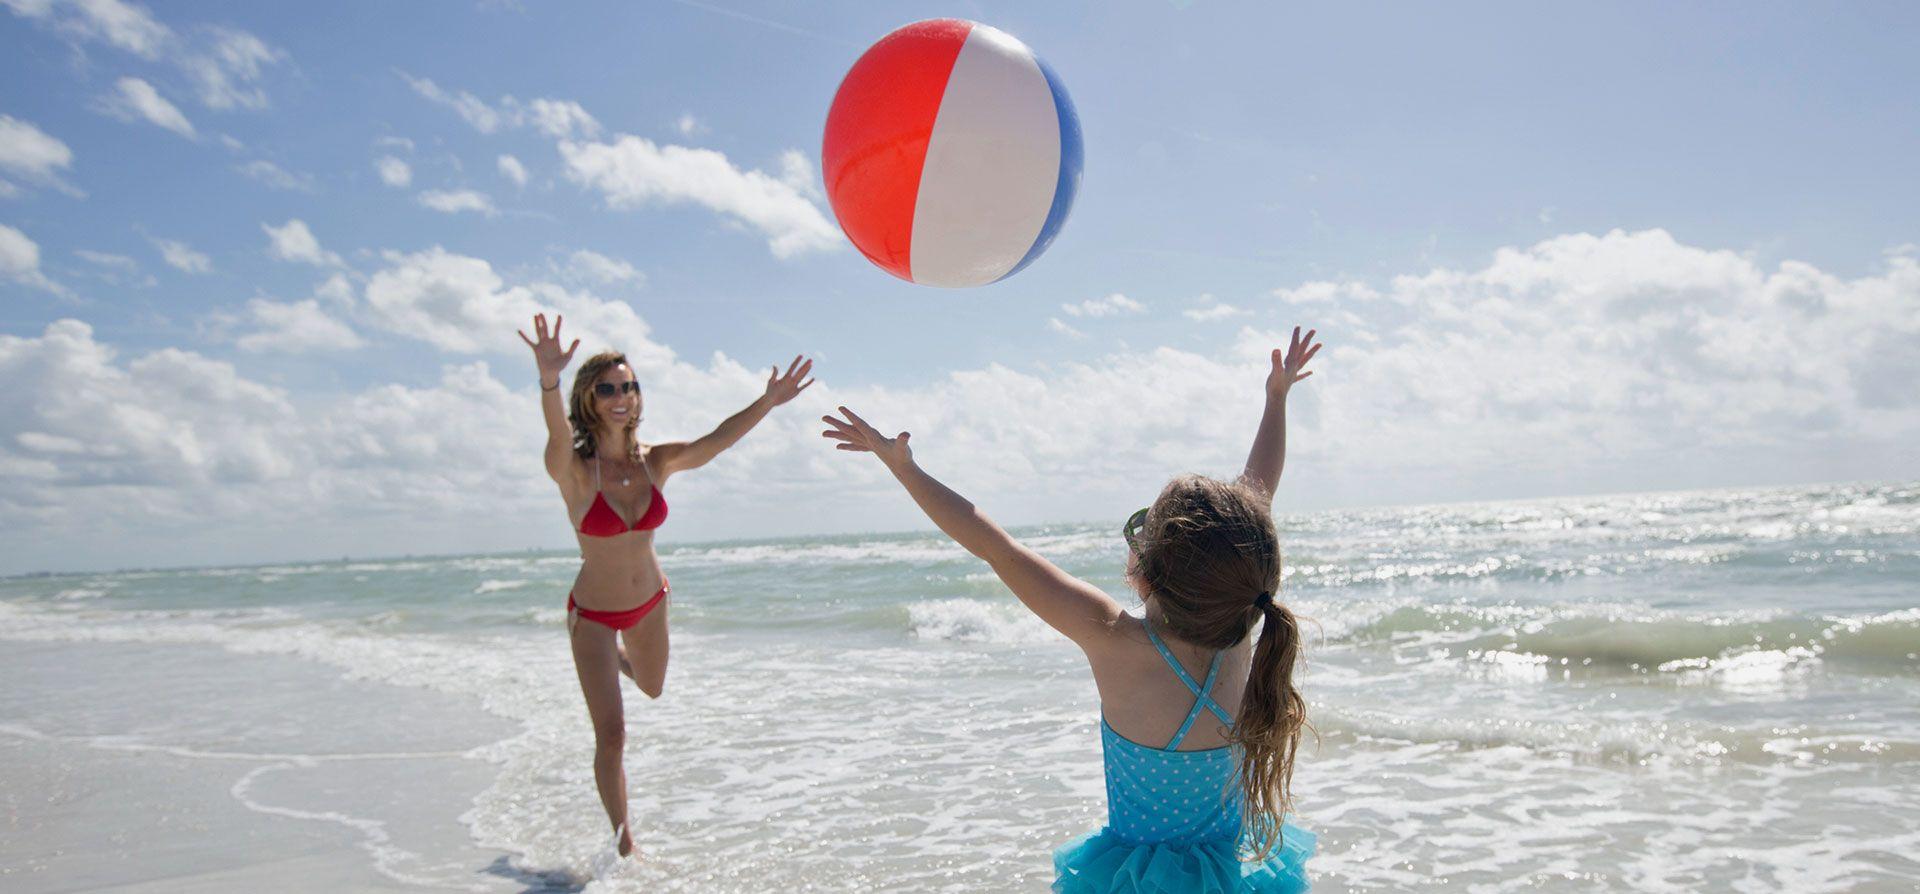 Sundial Beach Resort & Spa - Resort Activities